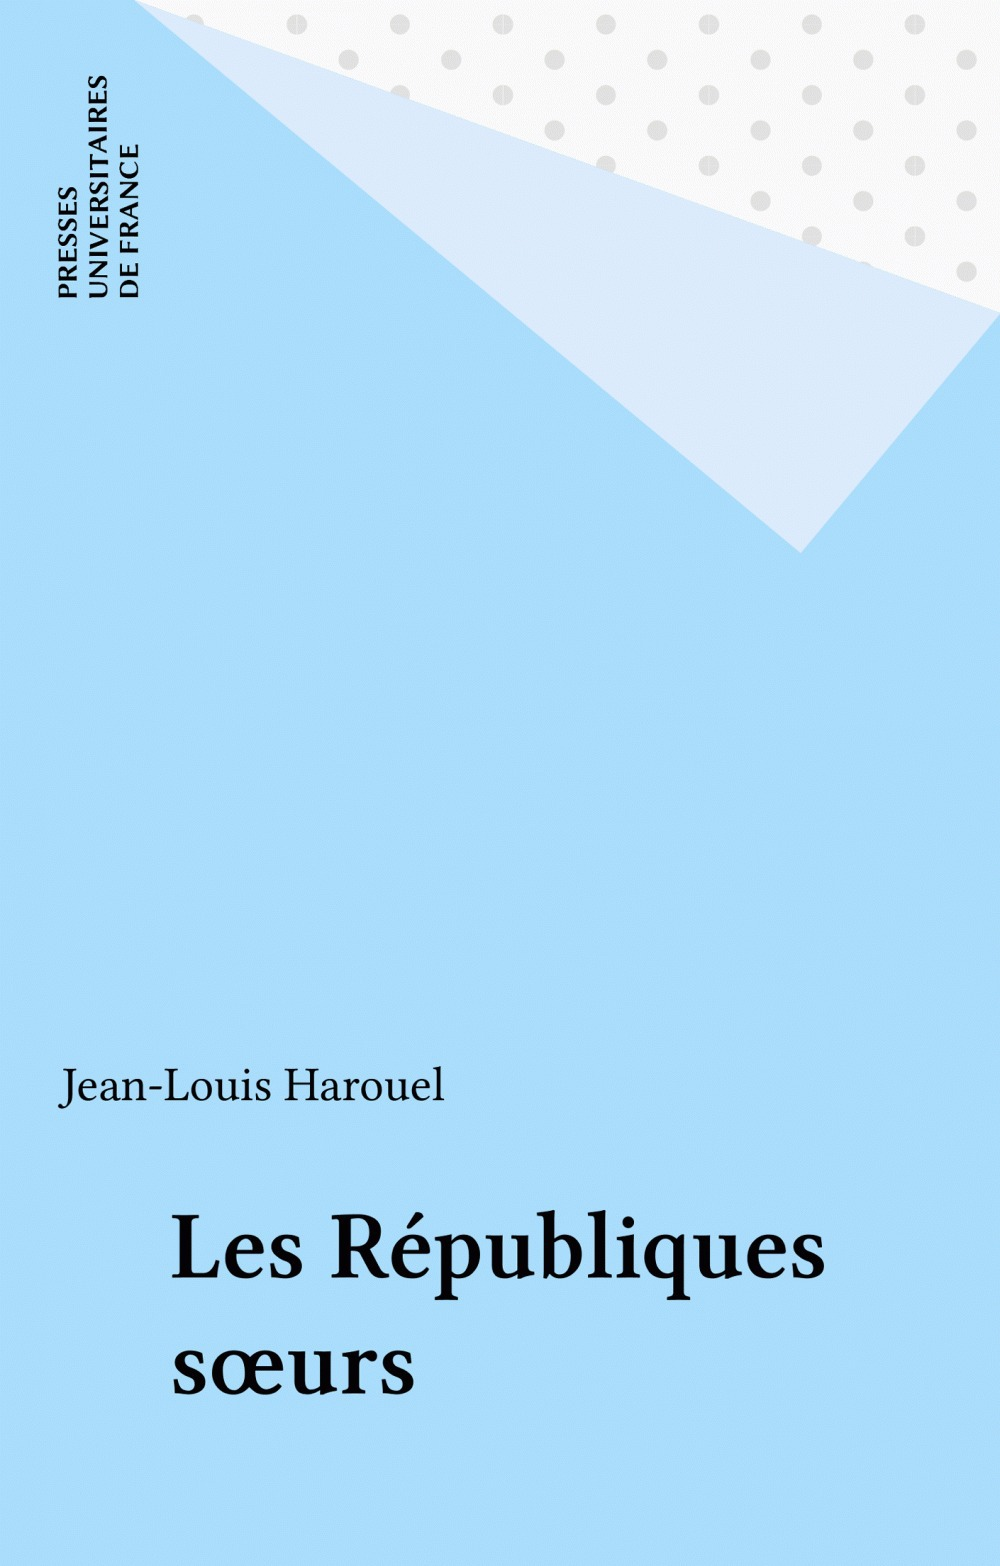 Les Républiques soeurs  - Jean-Louis Harouel